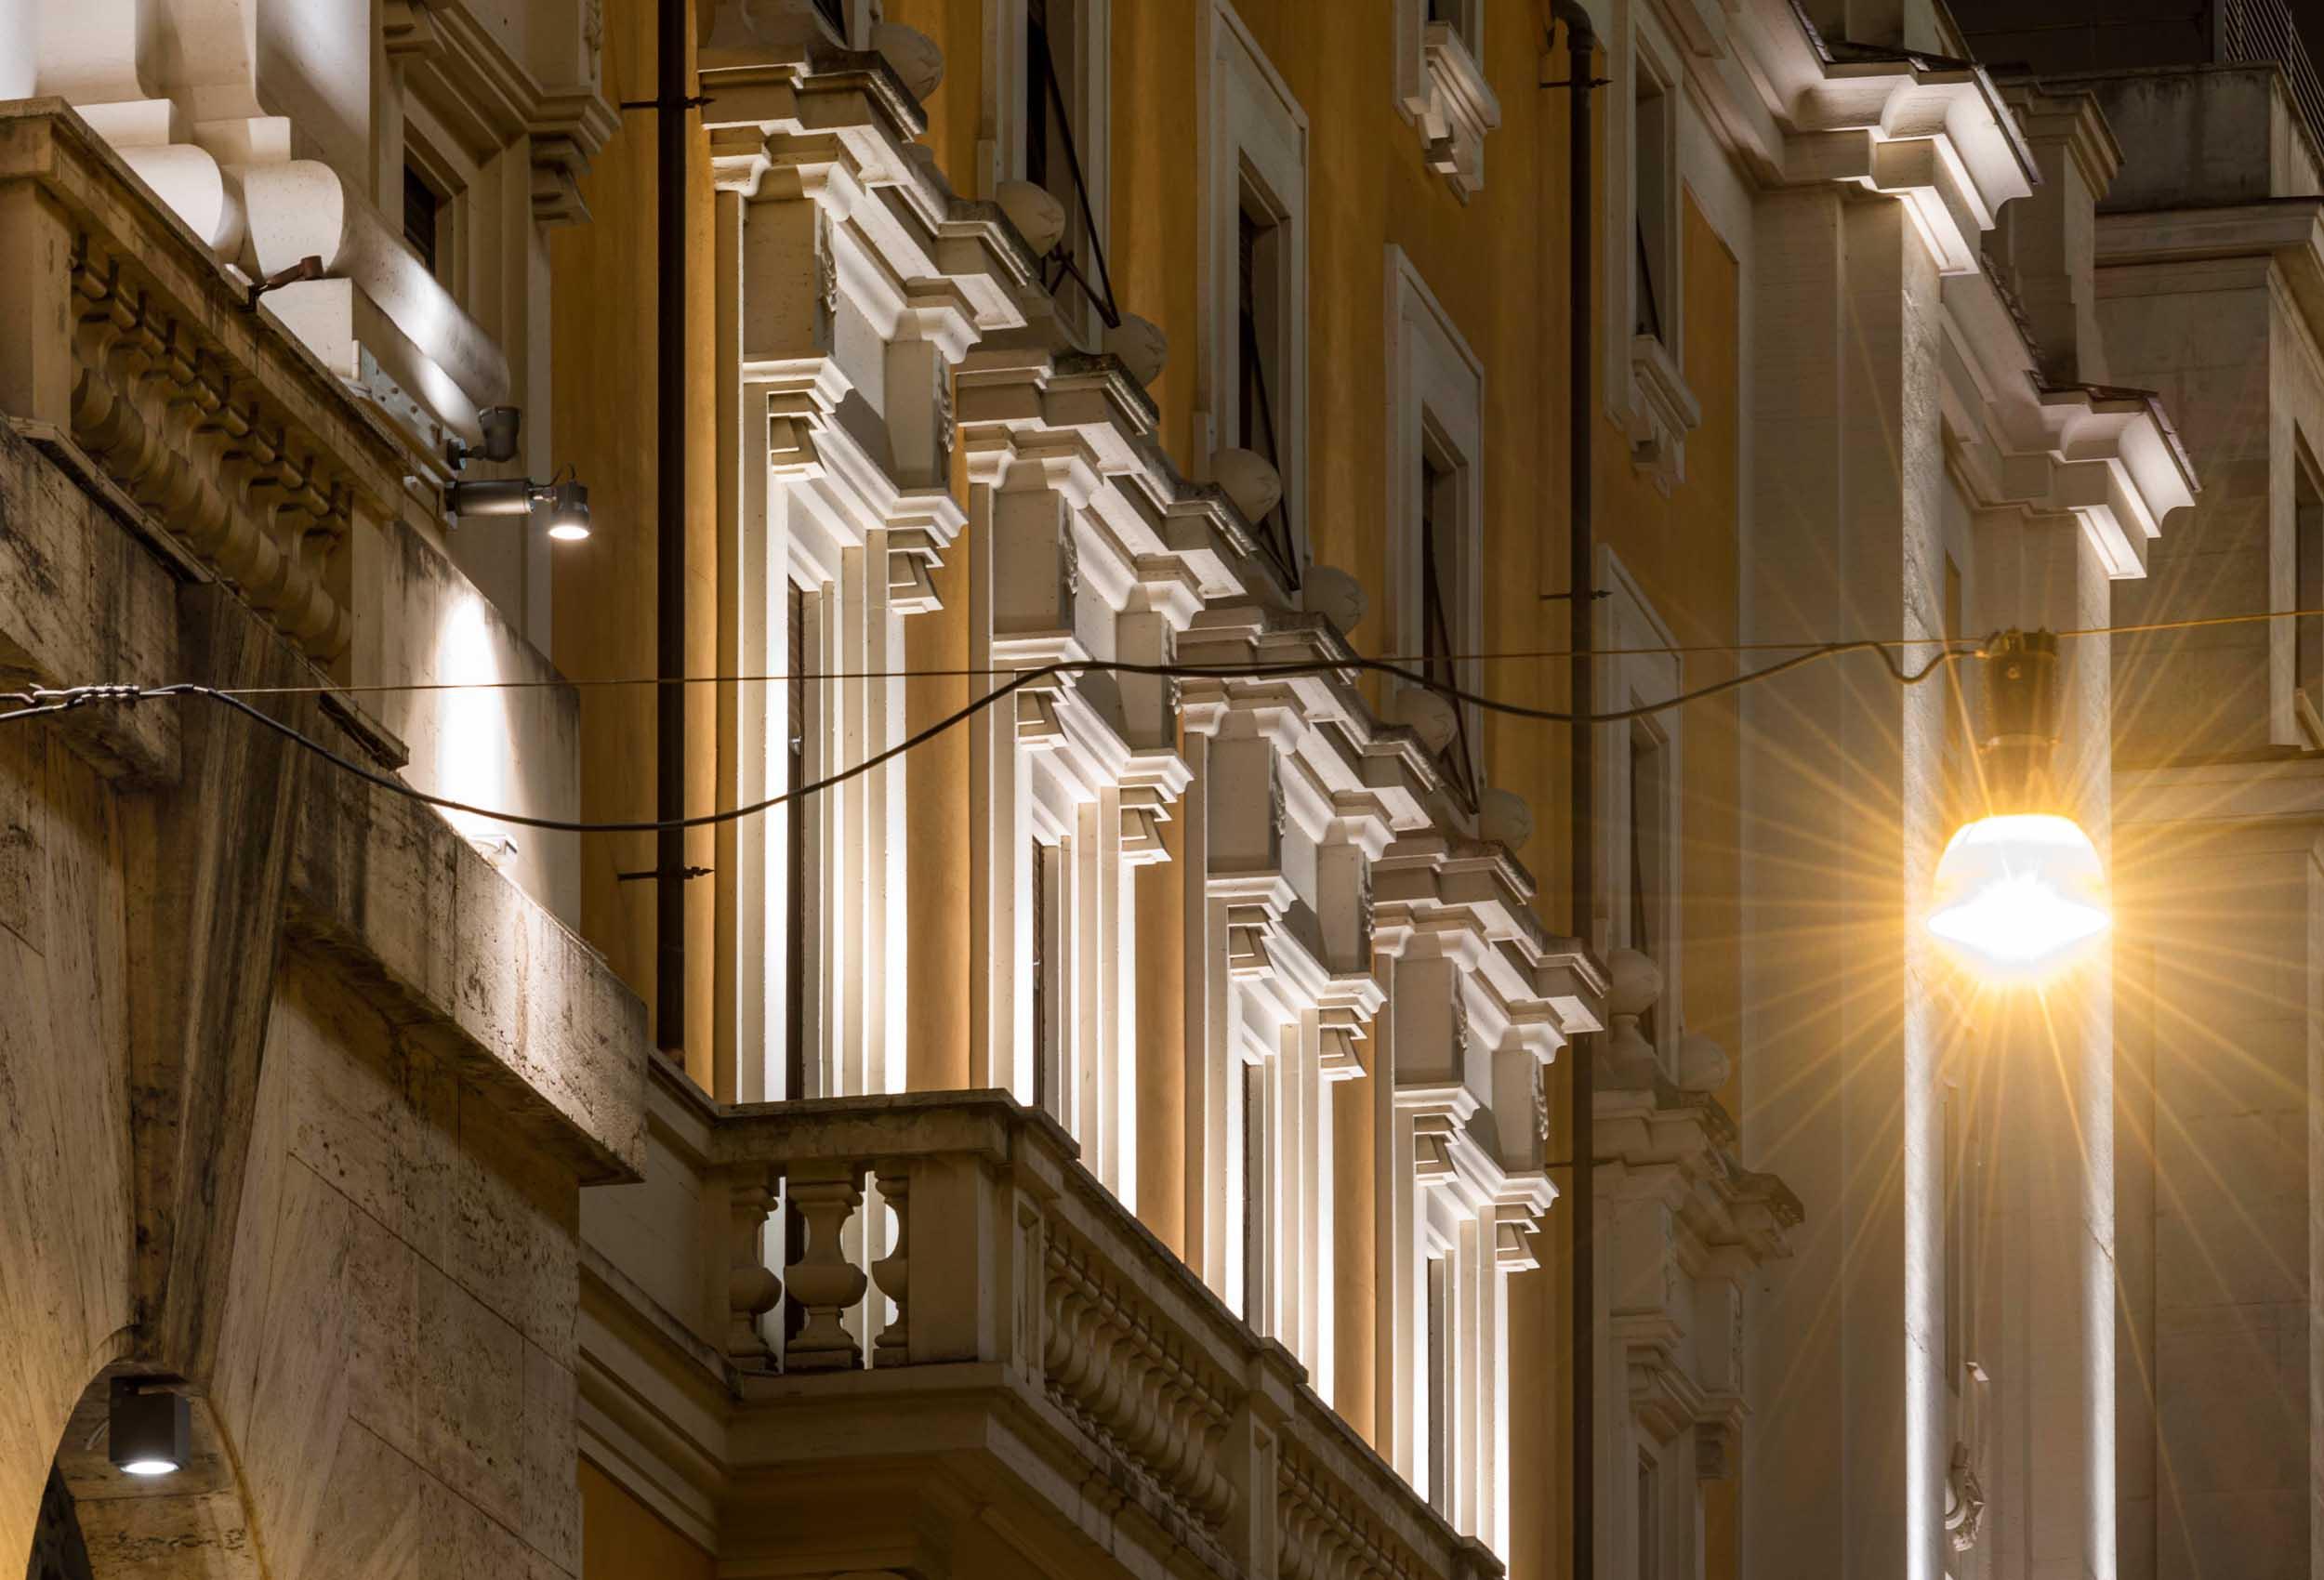 illuminazione-lightdesign-roma-fad-fucine-forniti-8